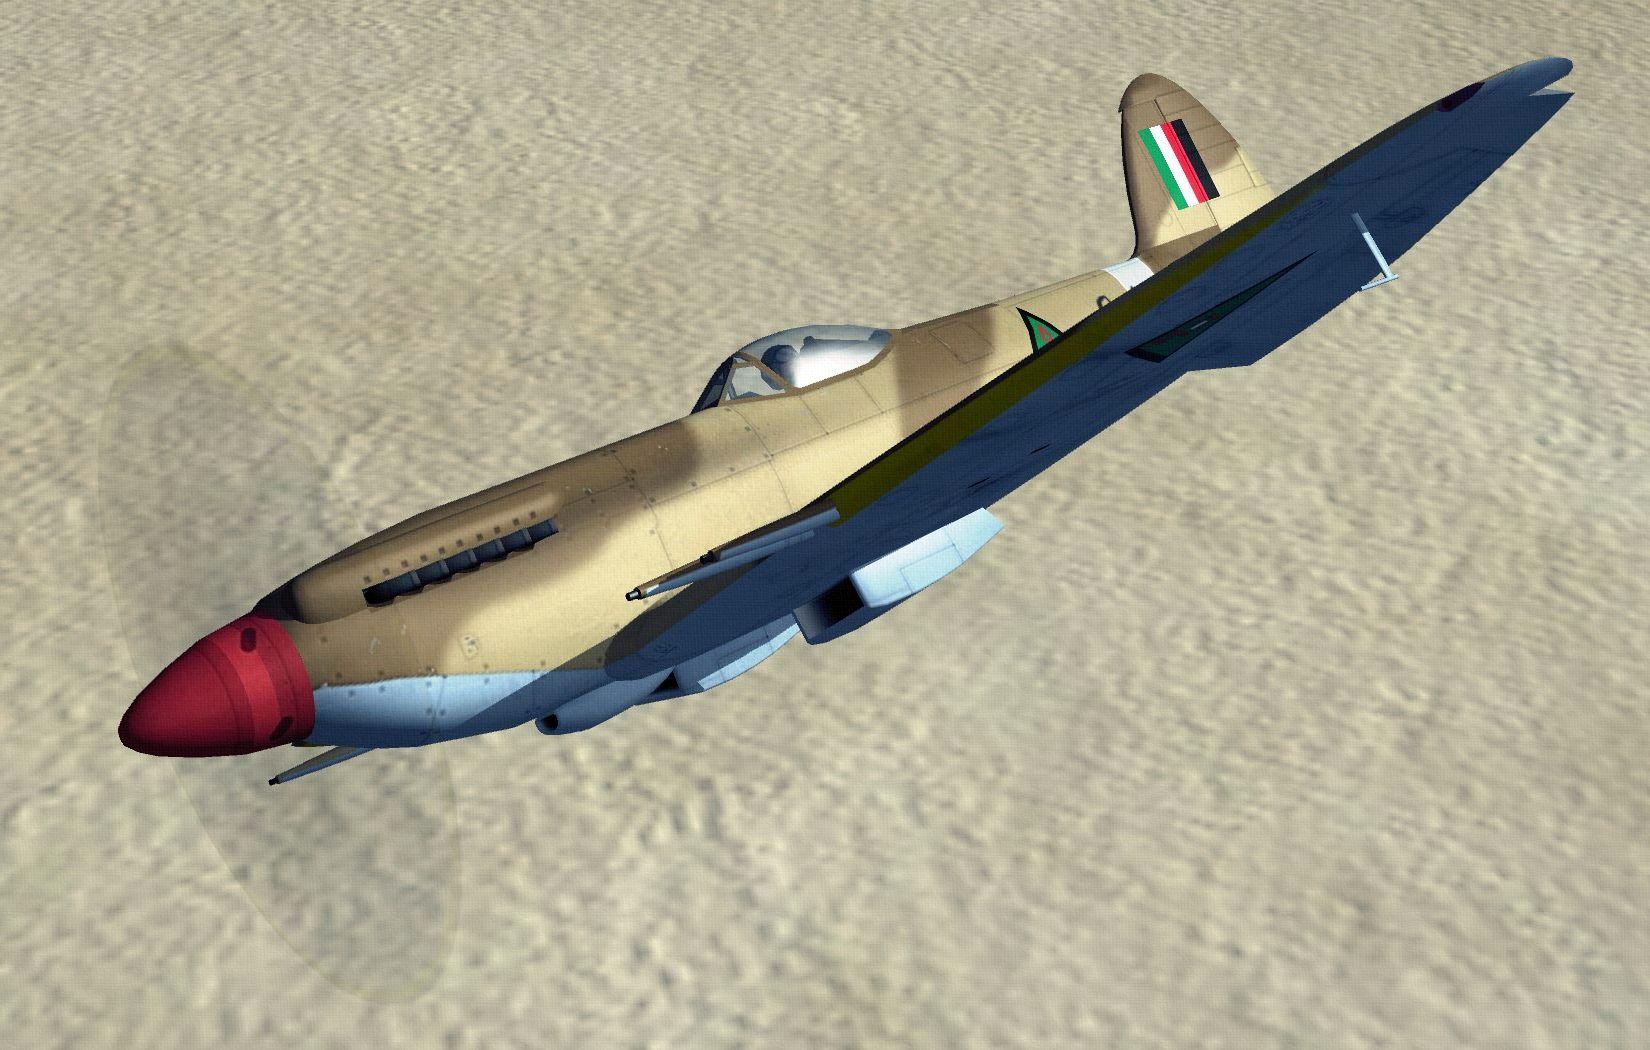 IRAQSPITFIREF2403_zps45320a4a.jpg